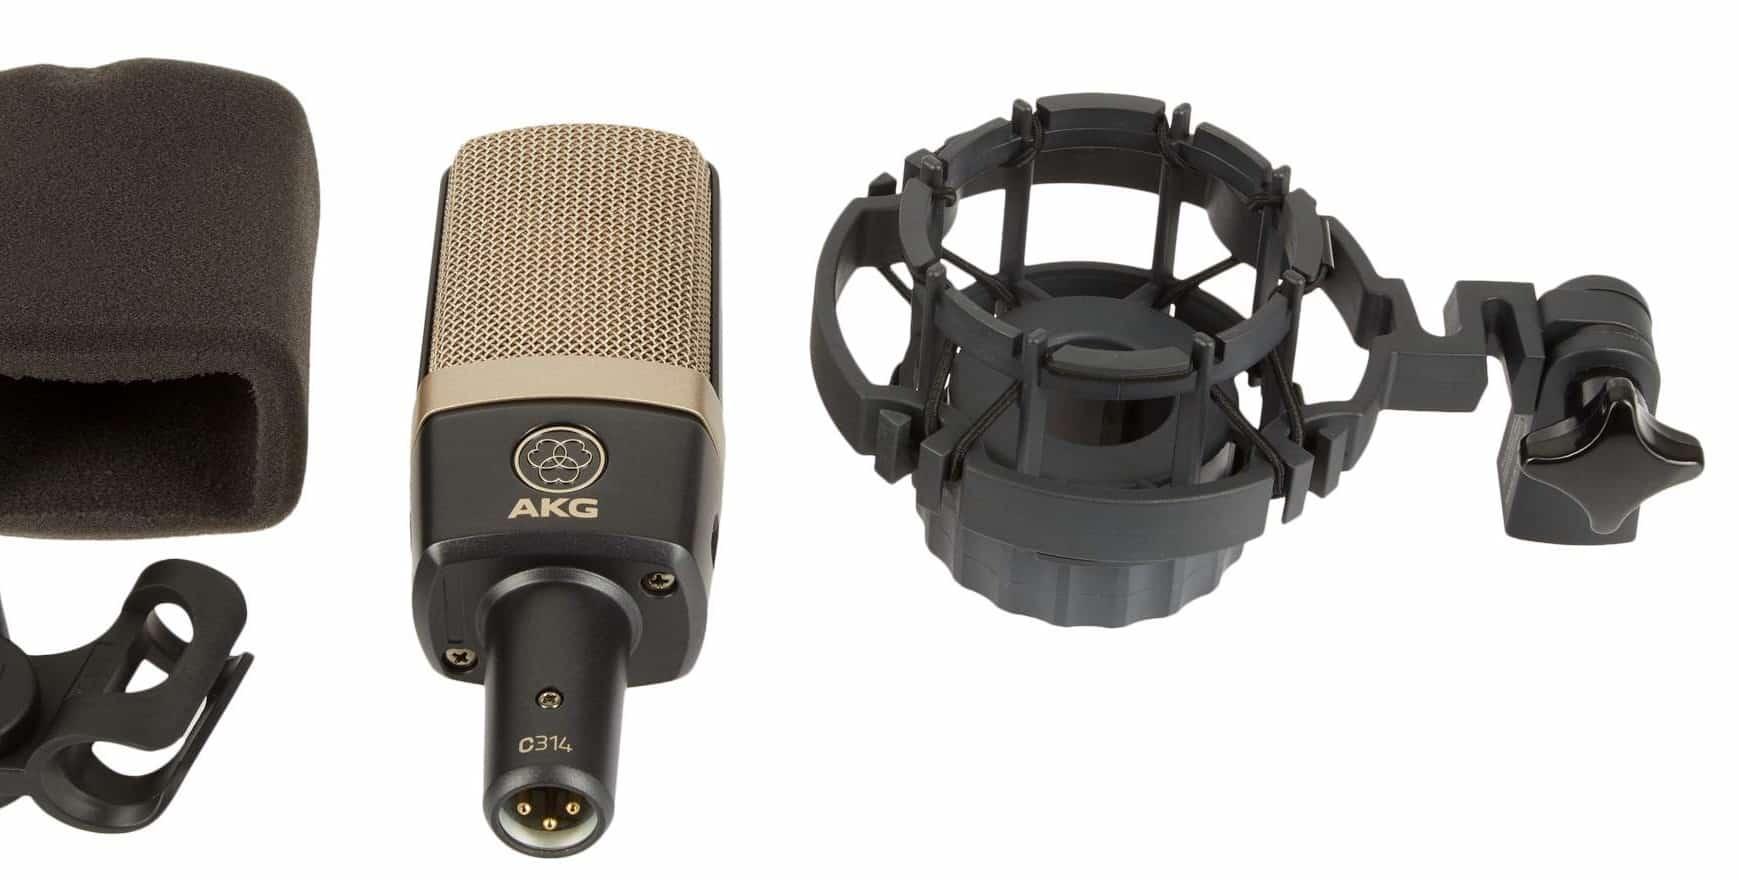 Le microphone à condensateur AKG C314 .